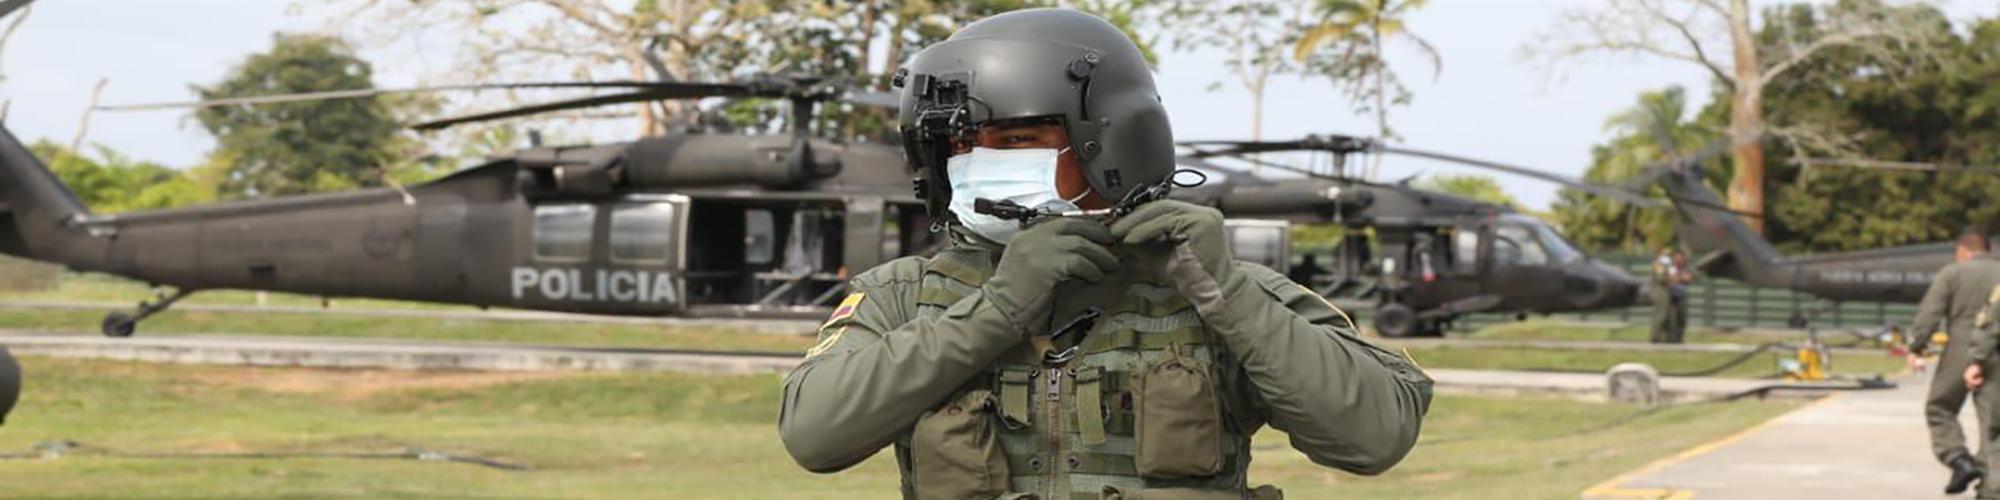 Área de Aviación Policial